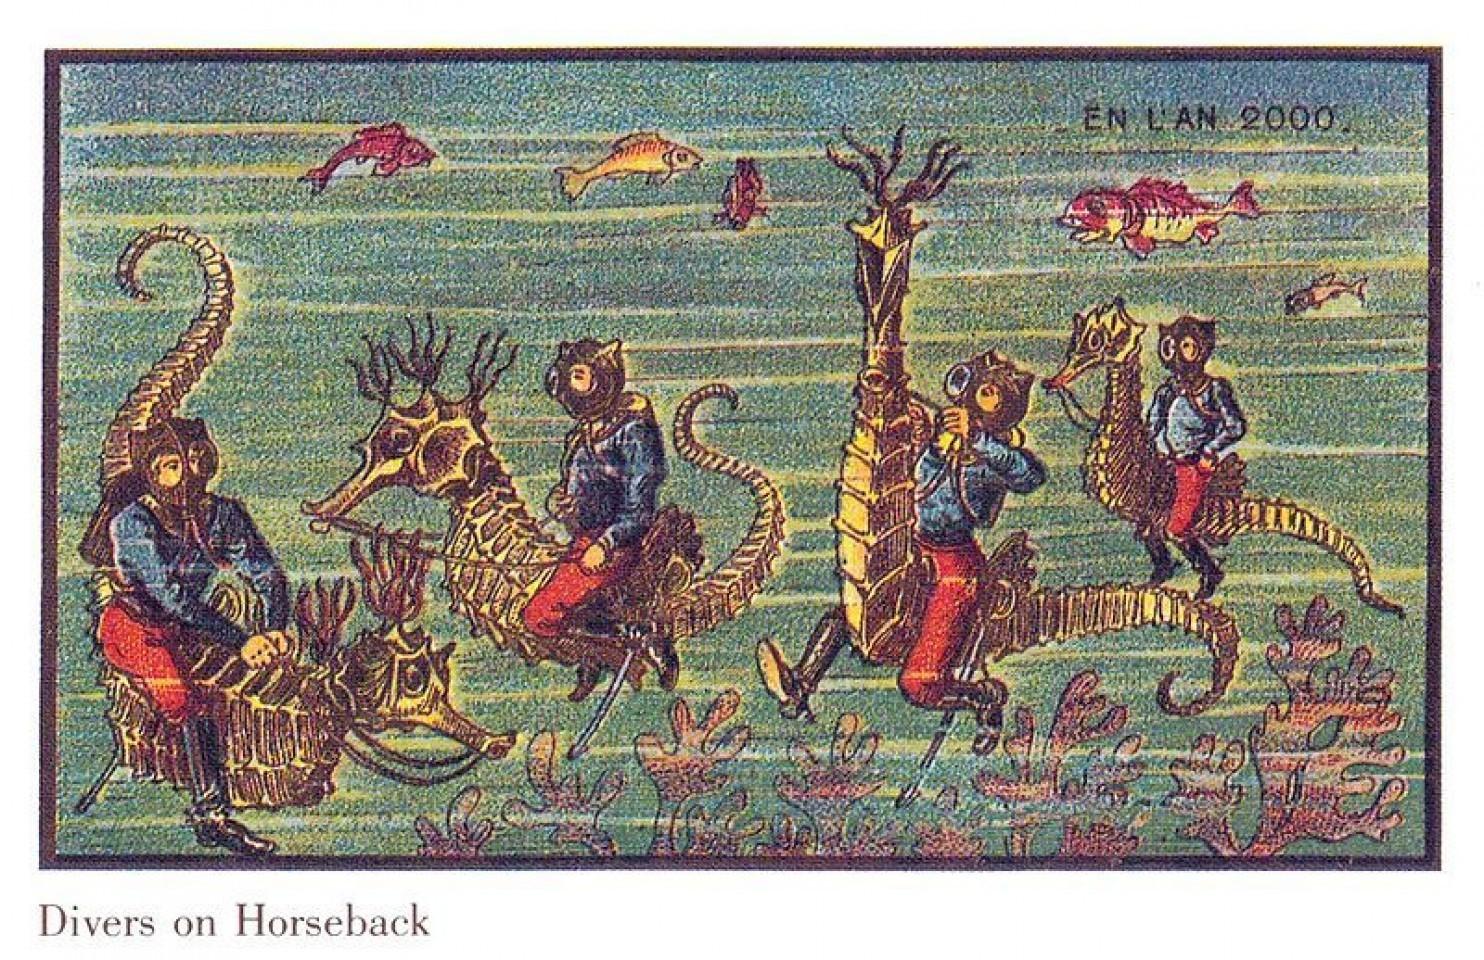 como imaginaban el futuro en 1900 ilustraciones 19